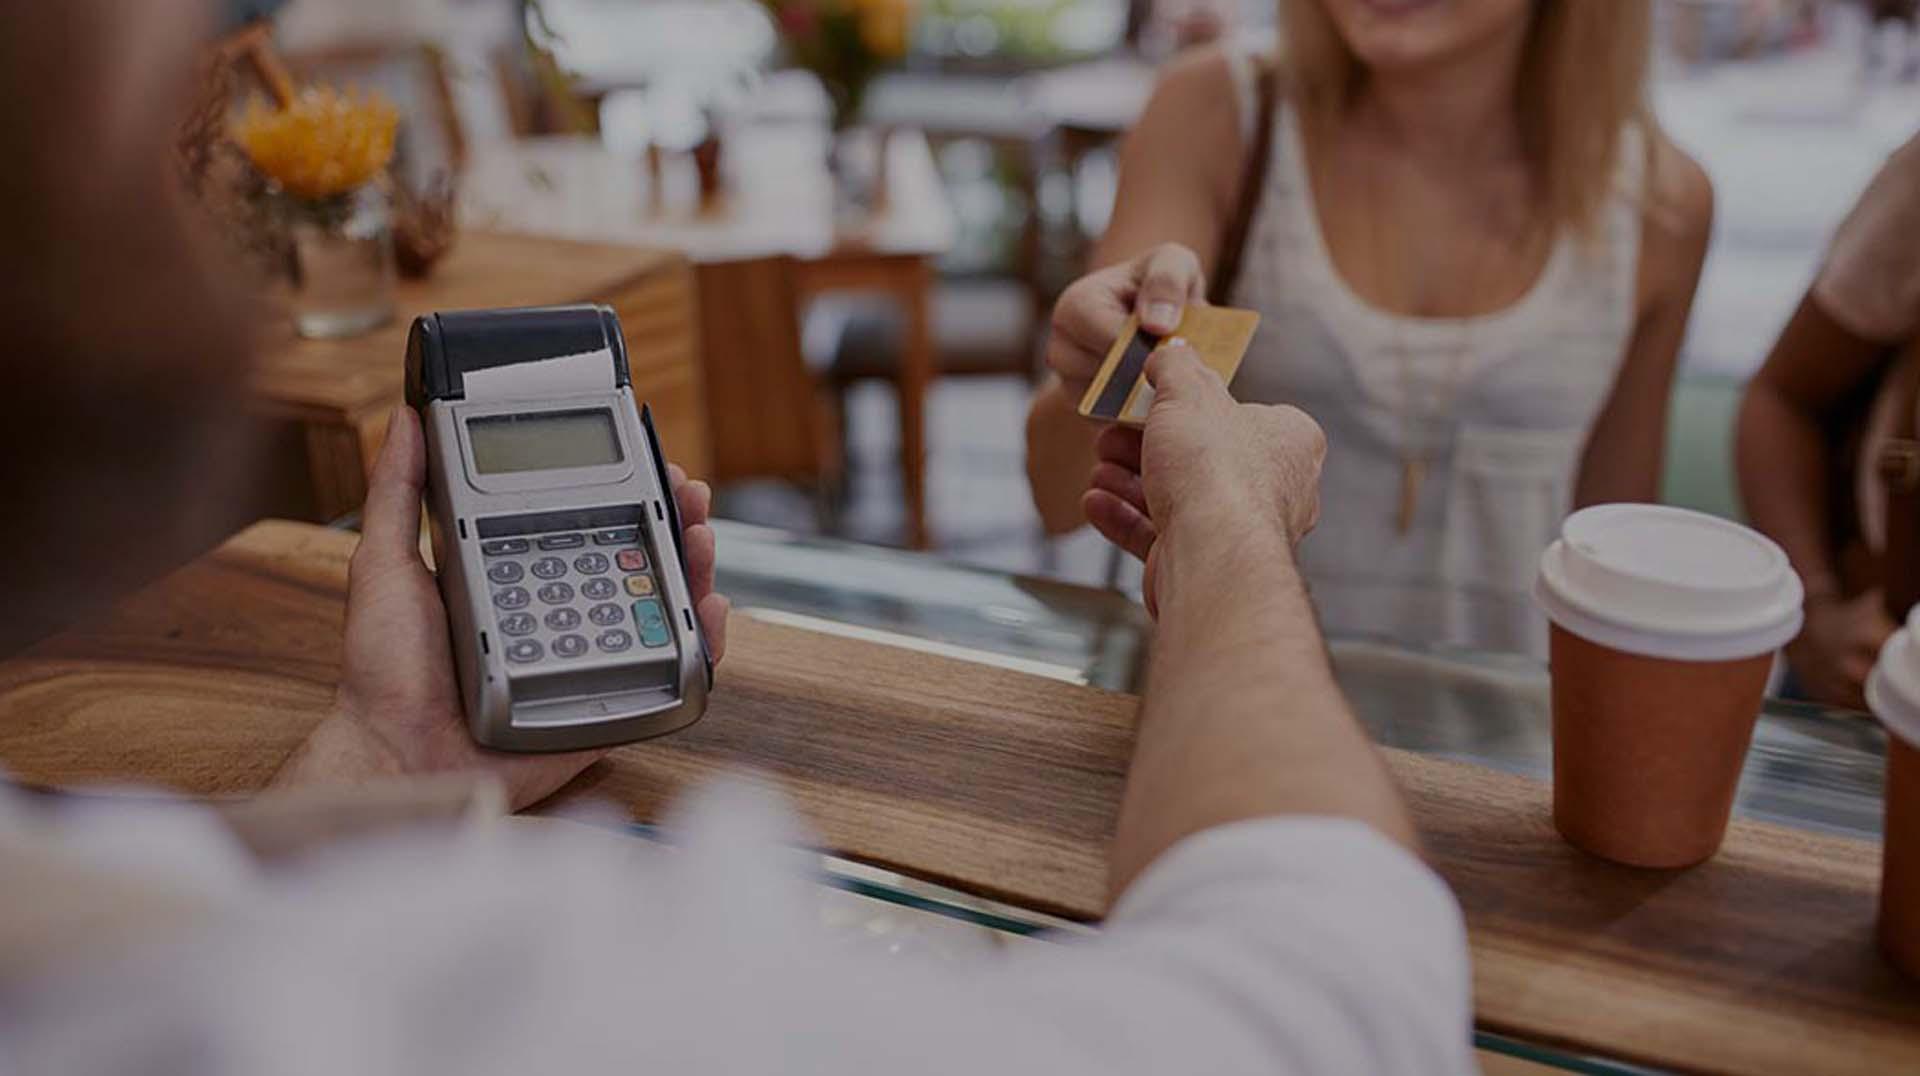 paiement interac, solution paiement, paiement débit, paiement crédit, machine transactionnel,